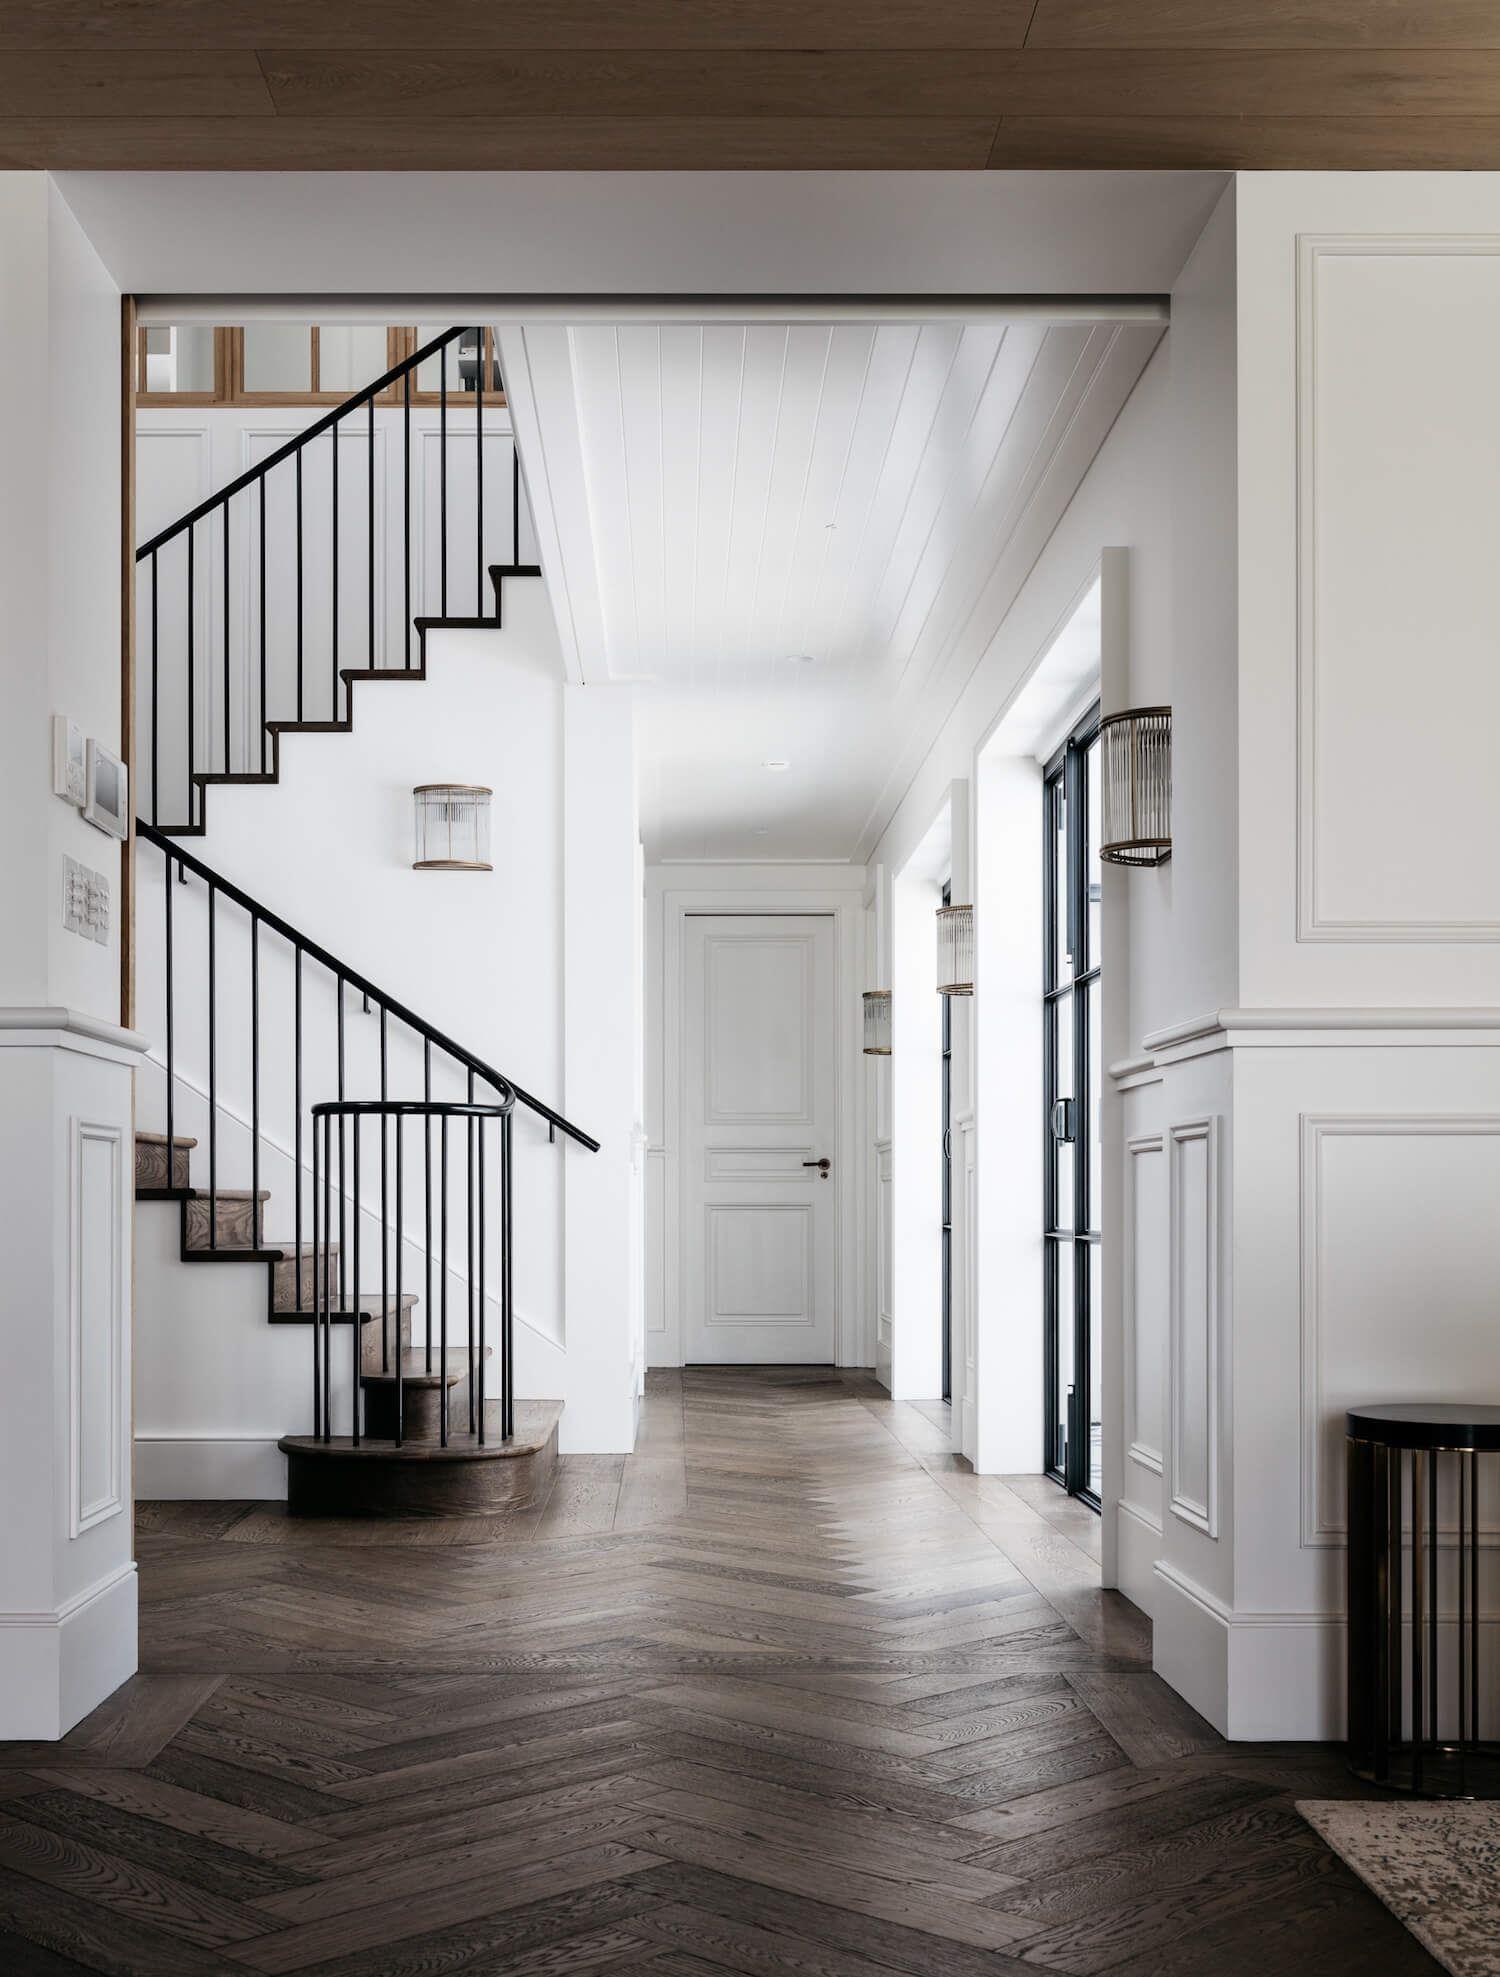 Zona de paso de escalera de estilo francés elegante y sofisticado